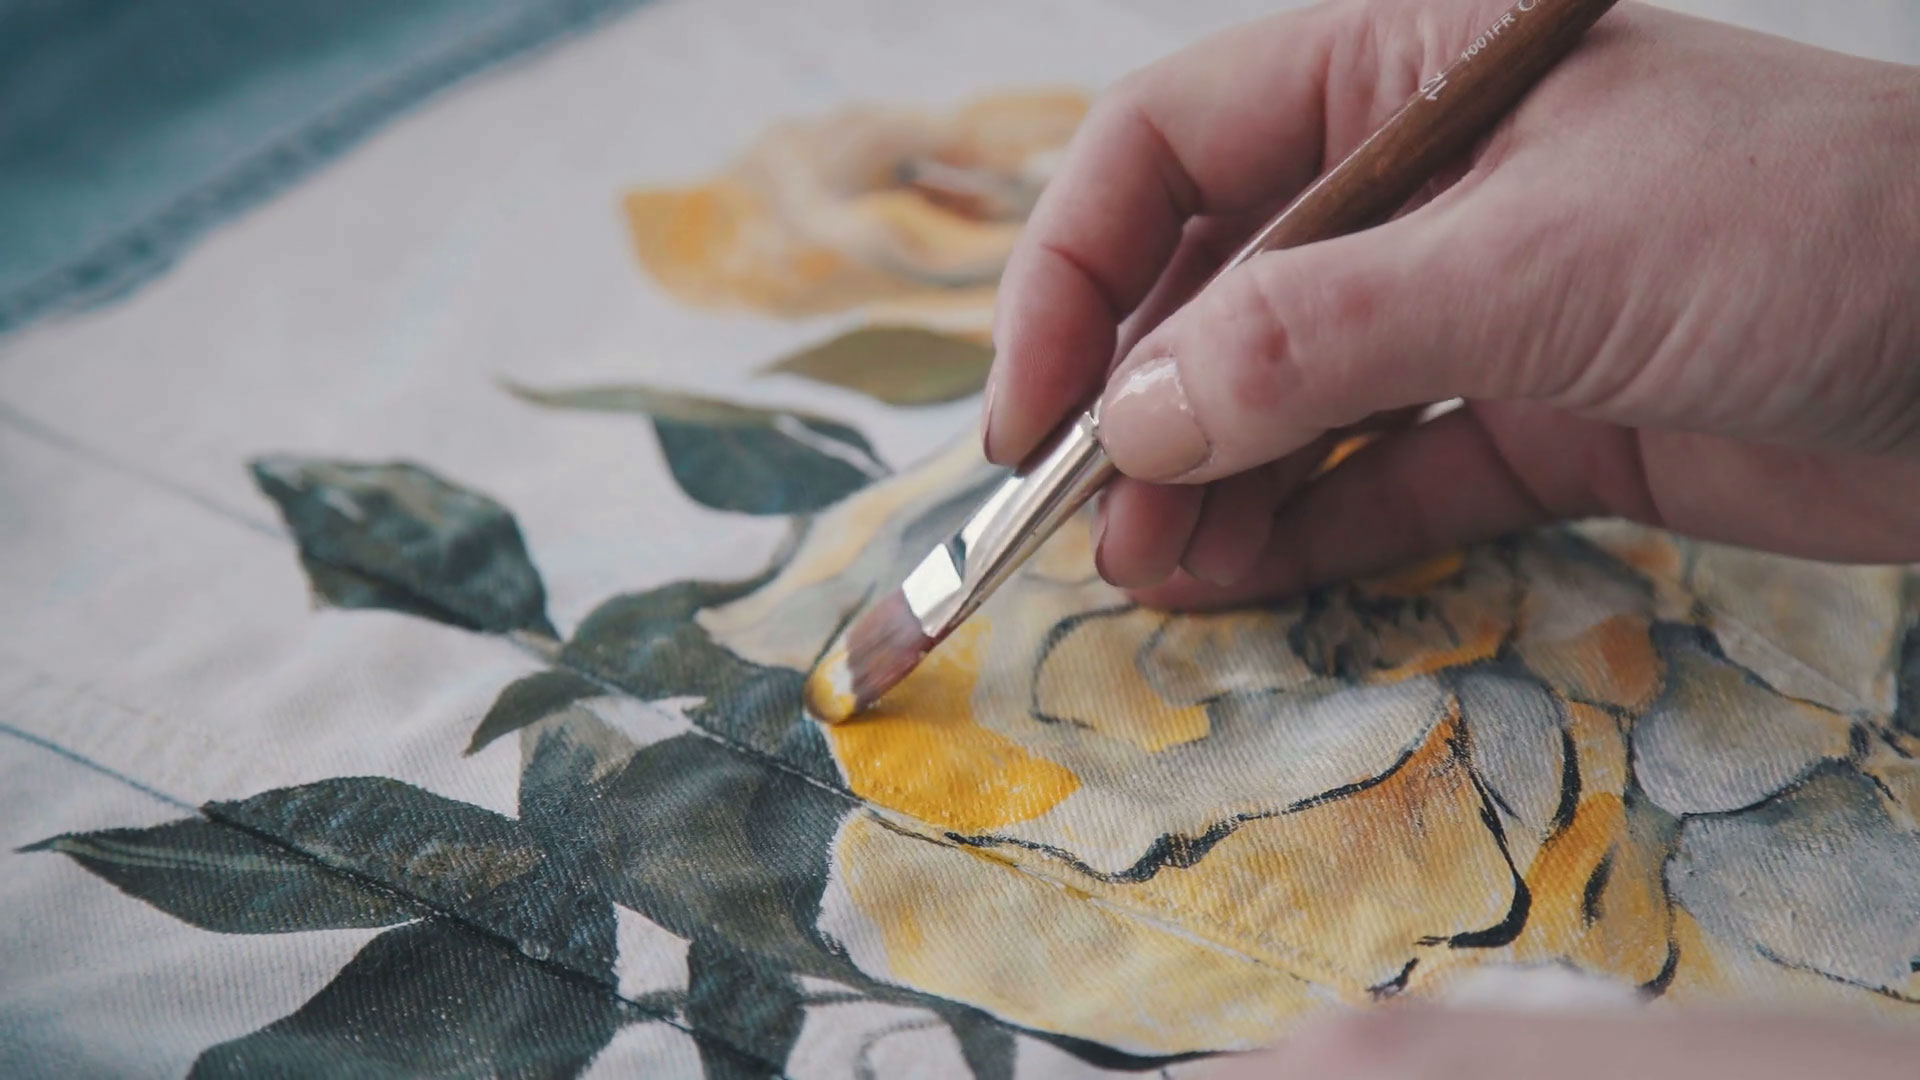 نقاشی روی پارچه